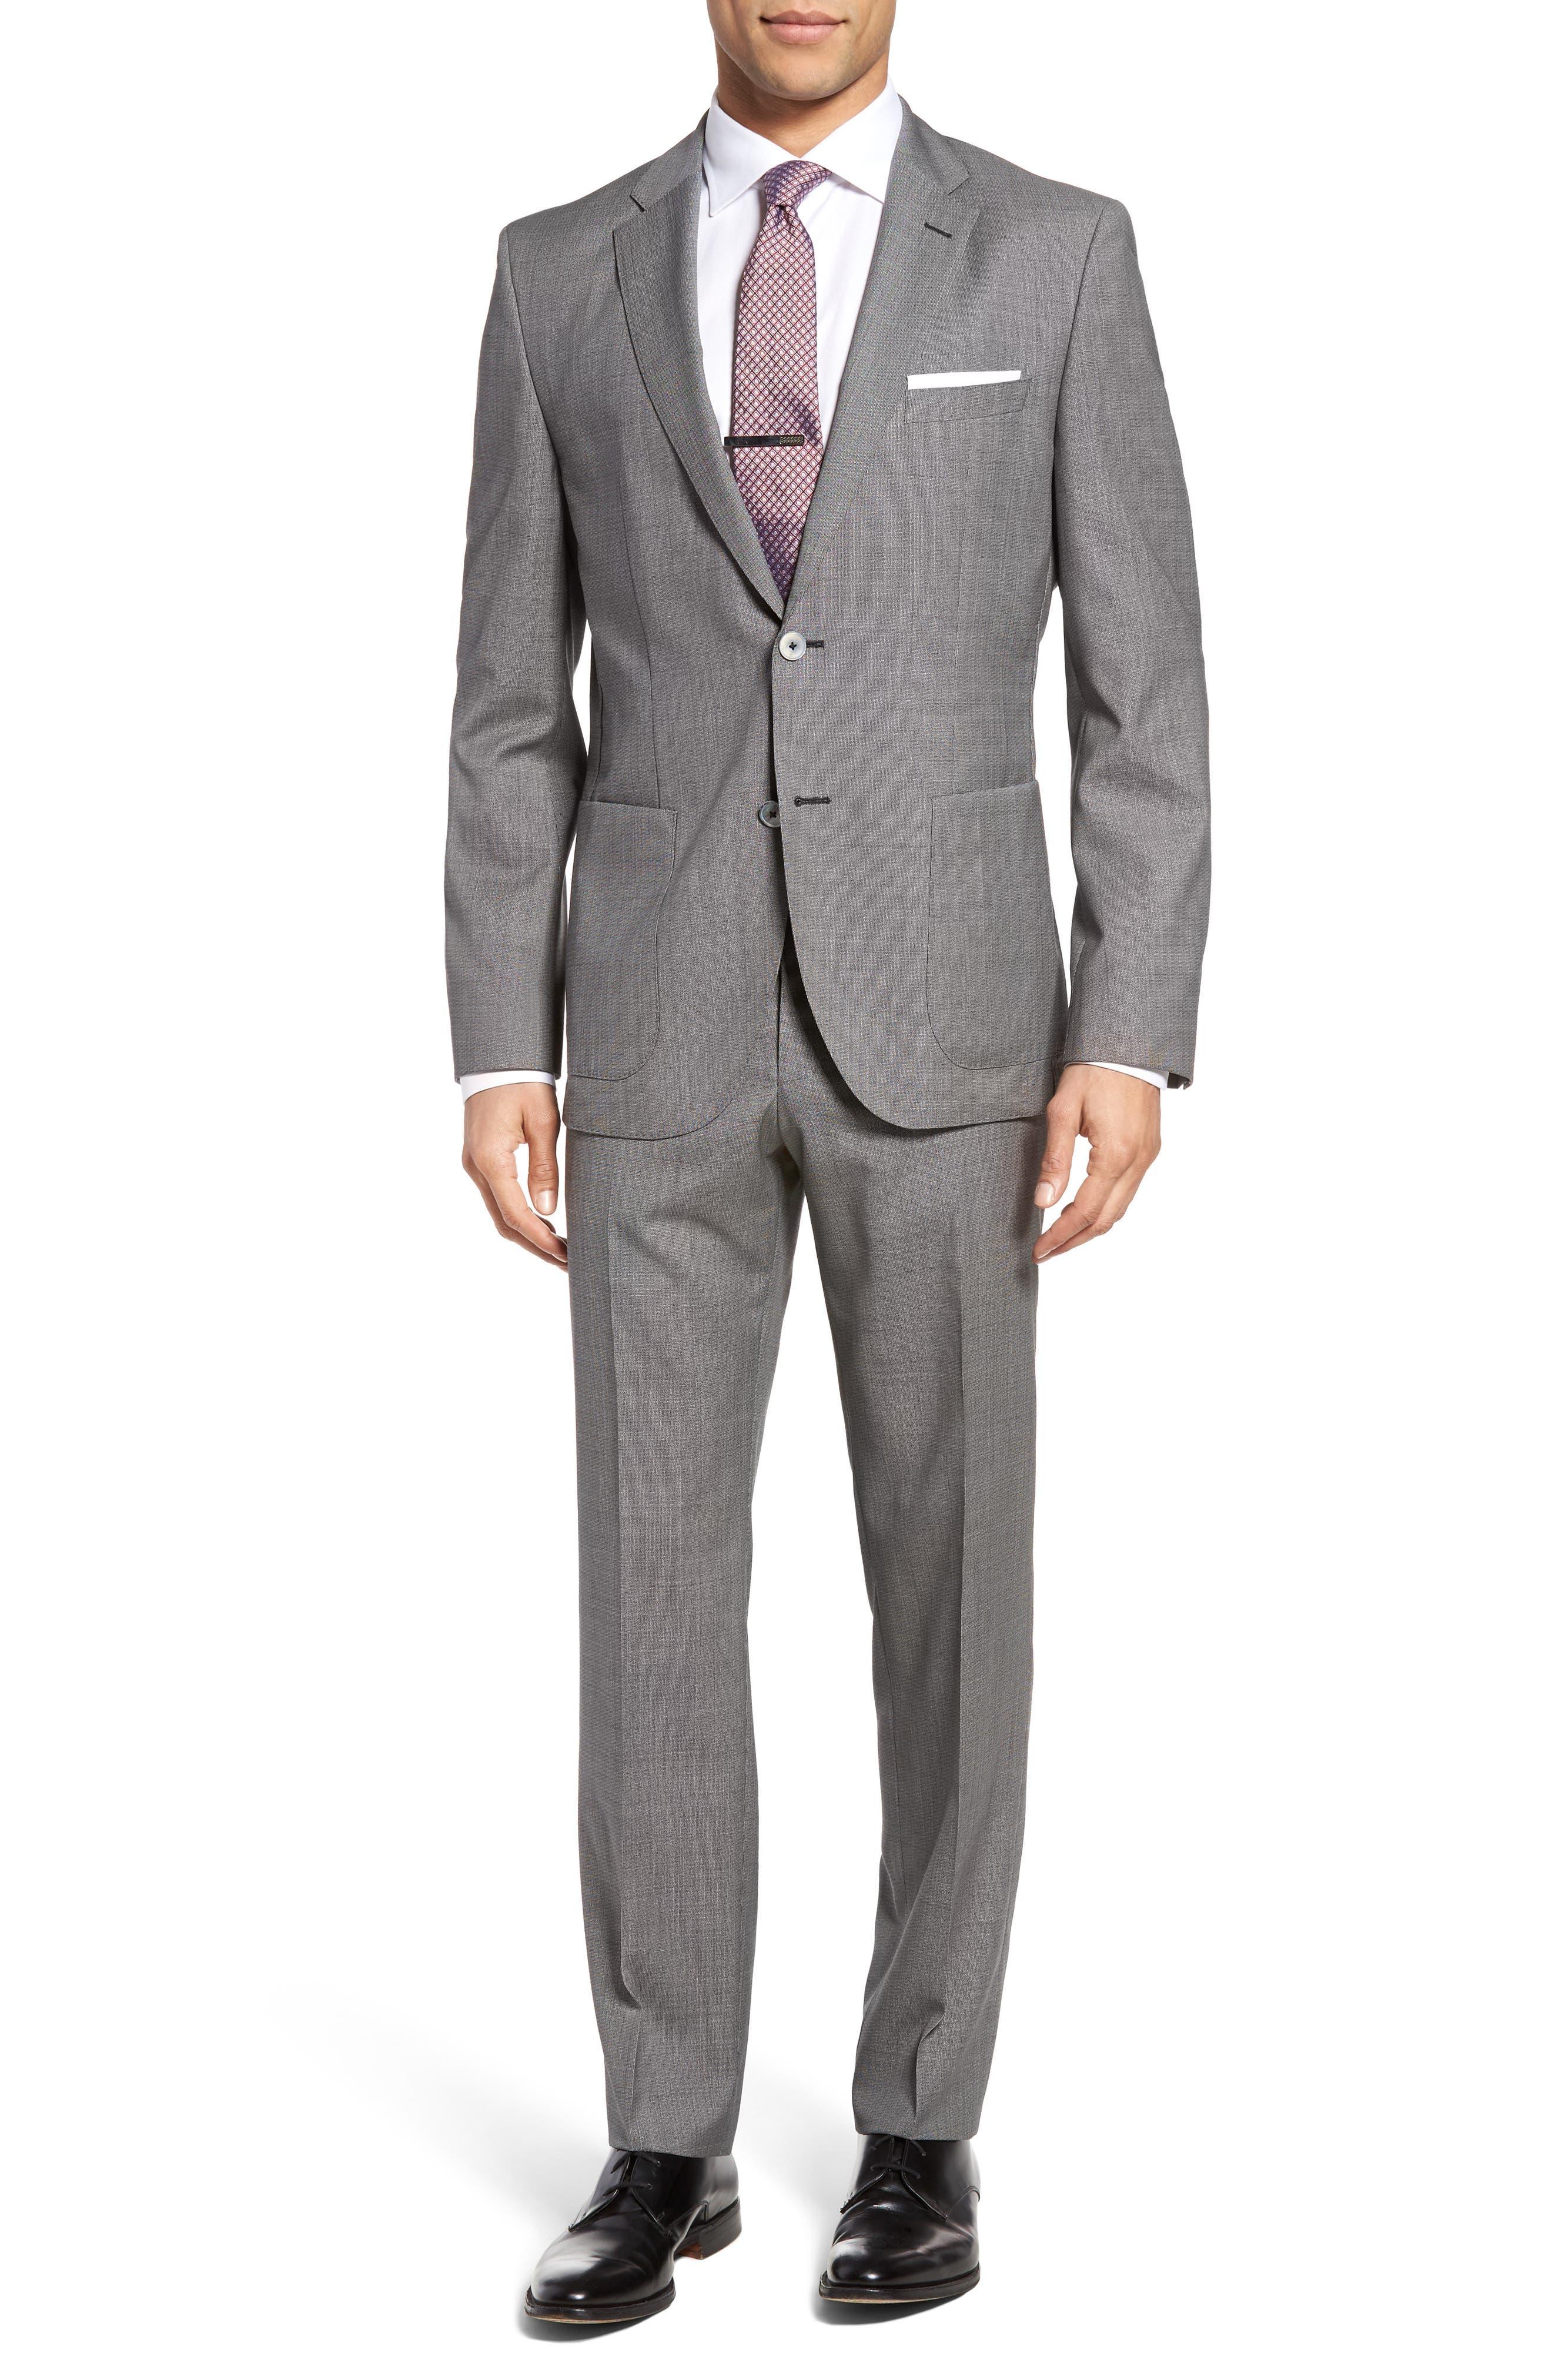 Janon/Lenon Trim Fit Solid Wool Suit,                             Main thumbnail 1, color,                             020